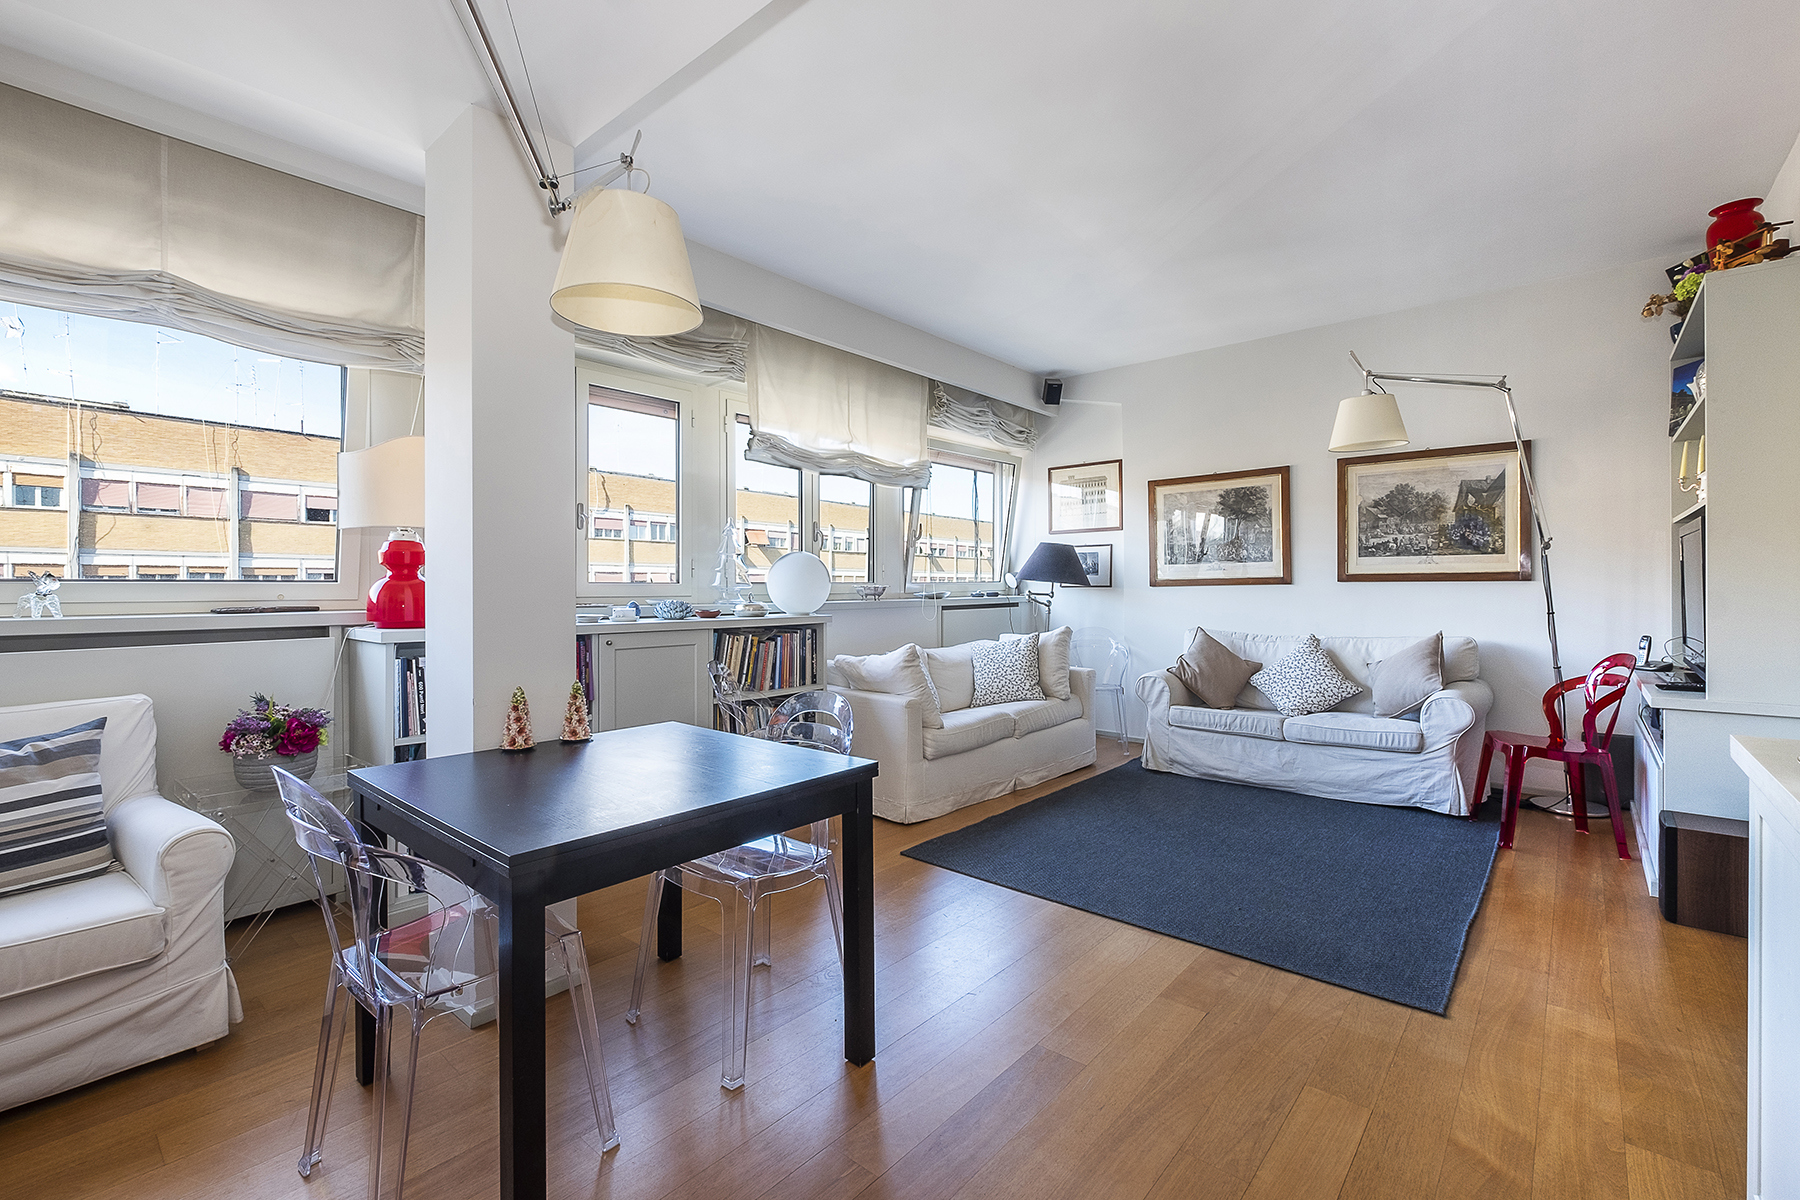 Appartamento in Vendita a Roma 02 Parioli / Pinciano / Flaminio: 3 locali, 100 mq